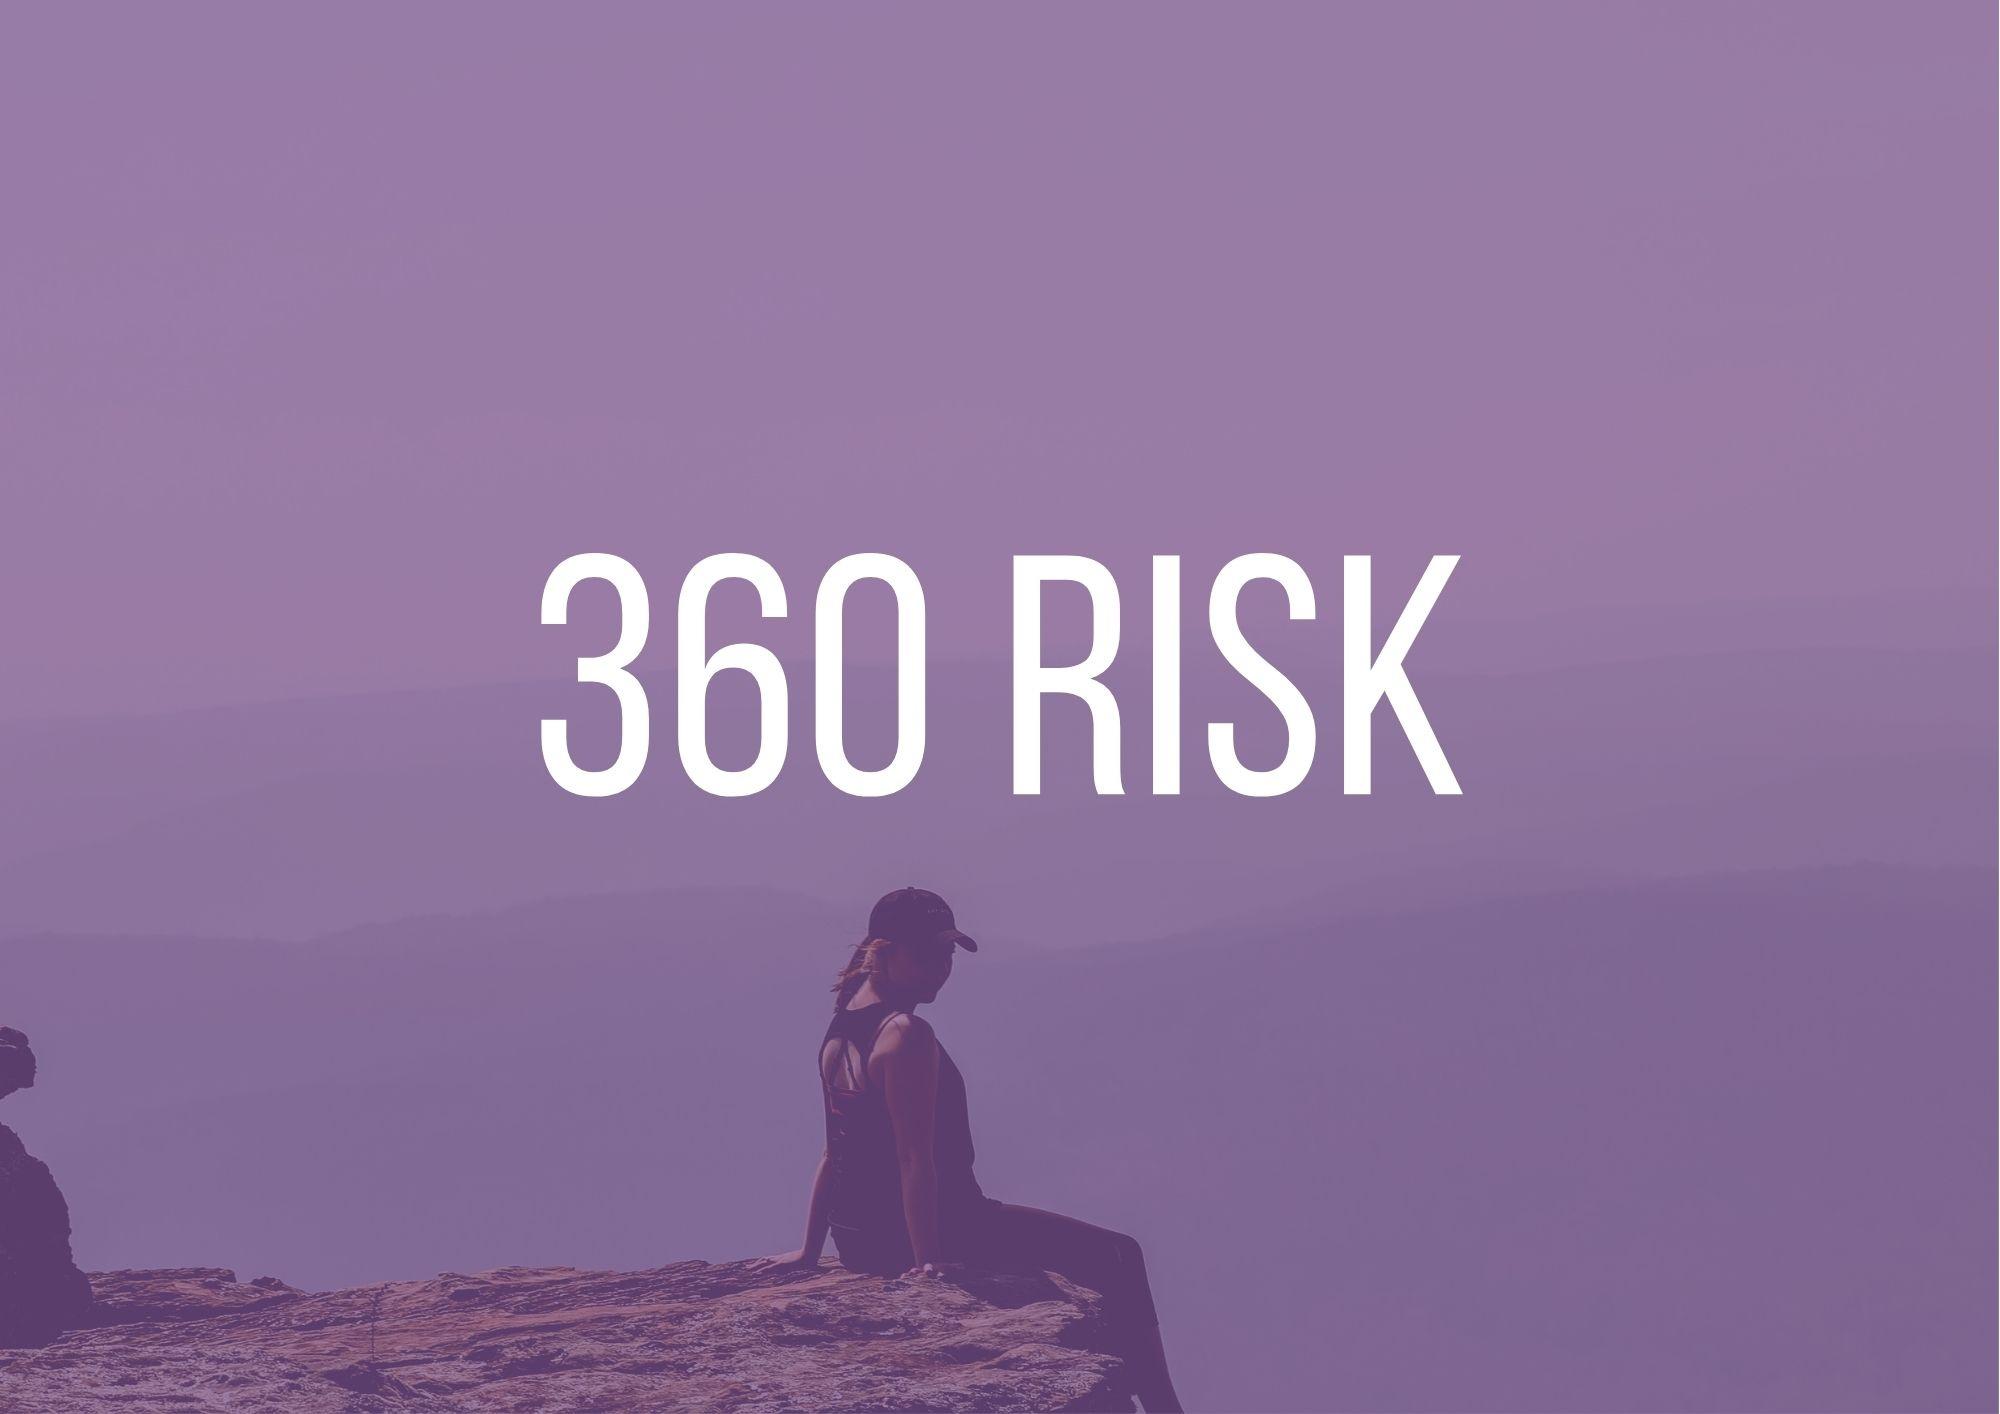 360Risk